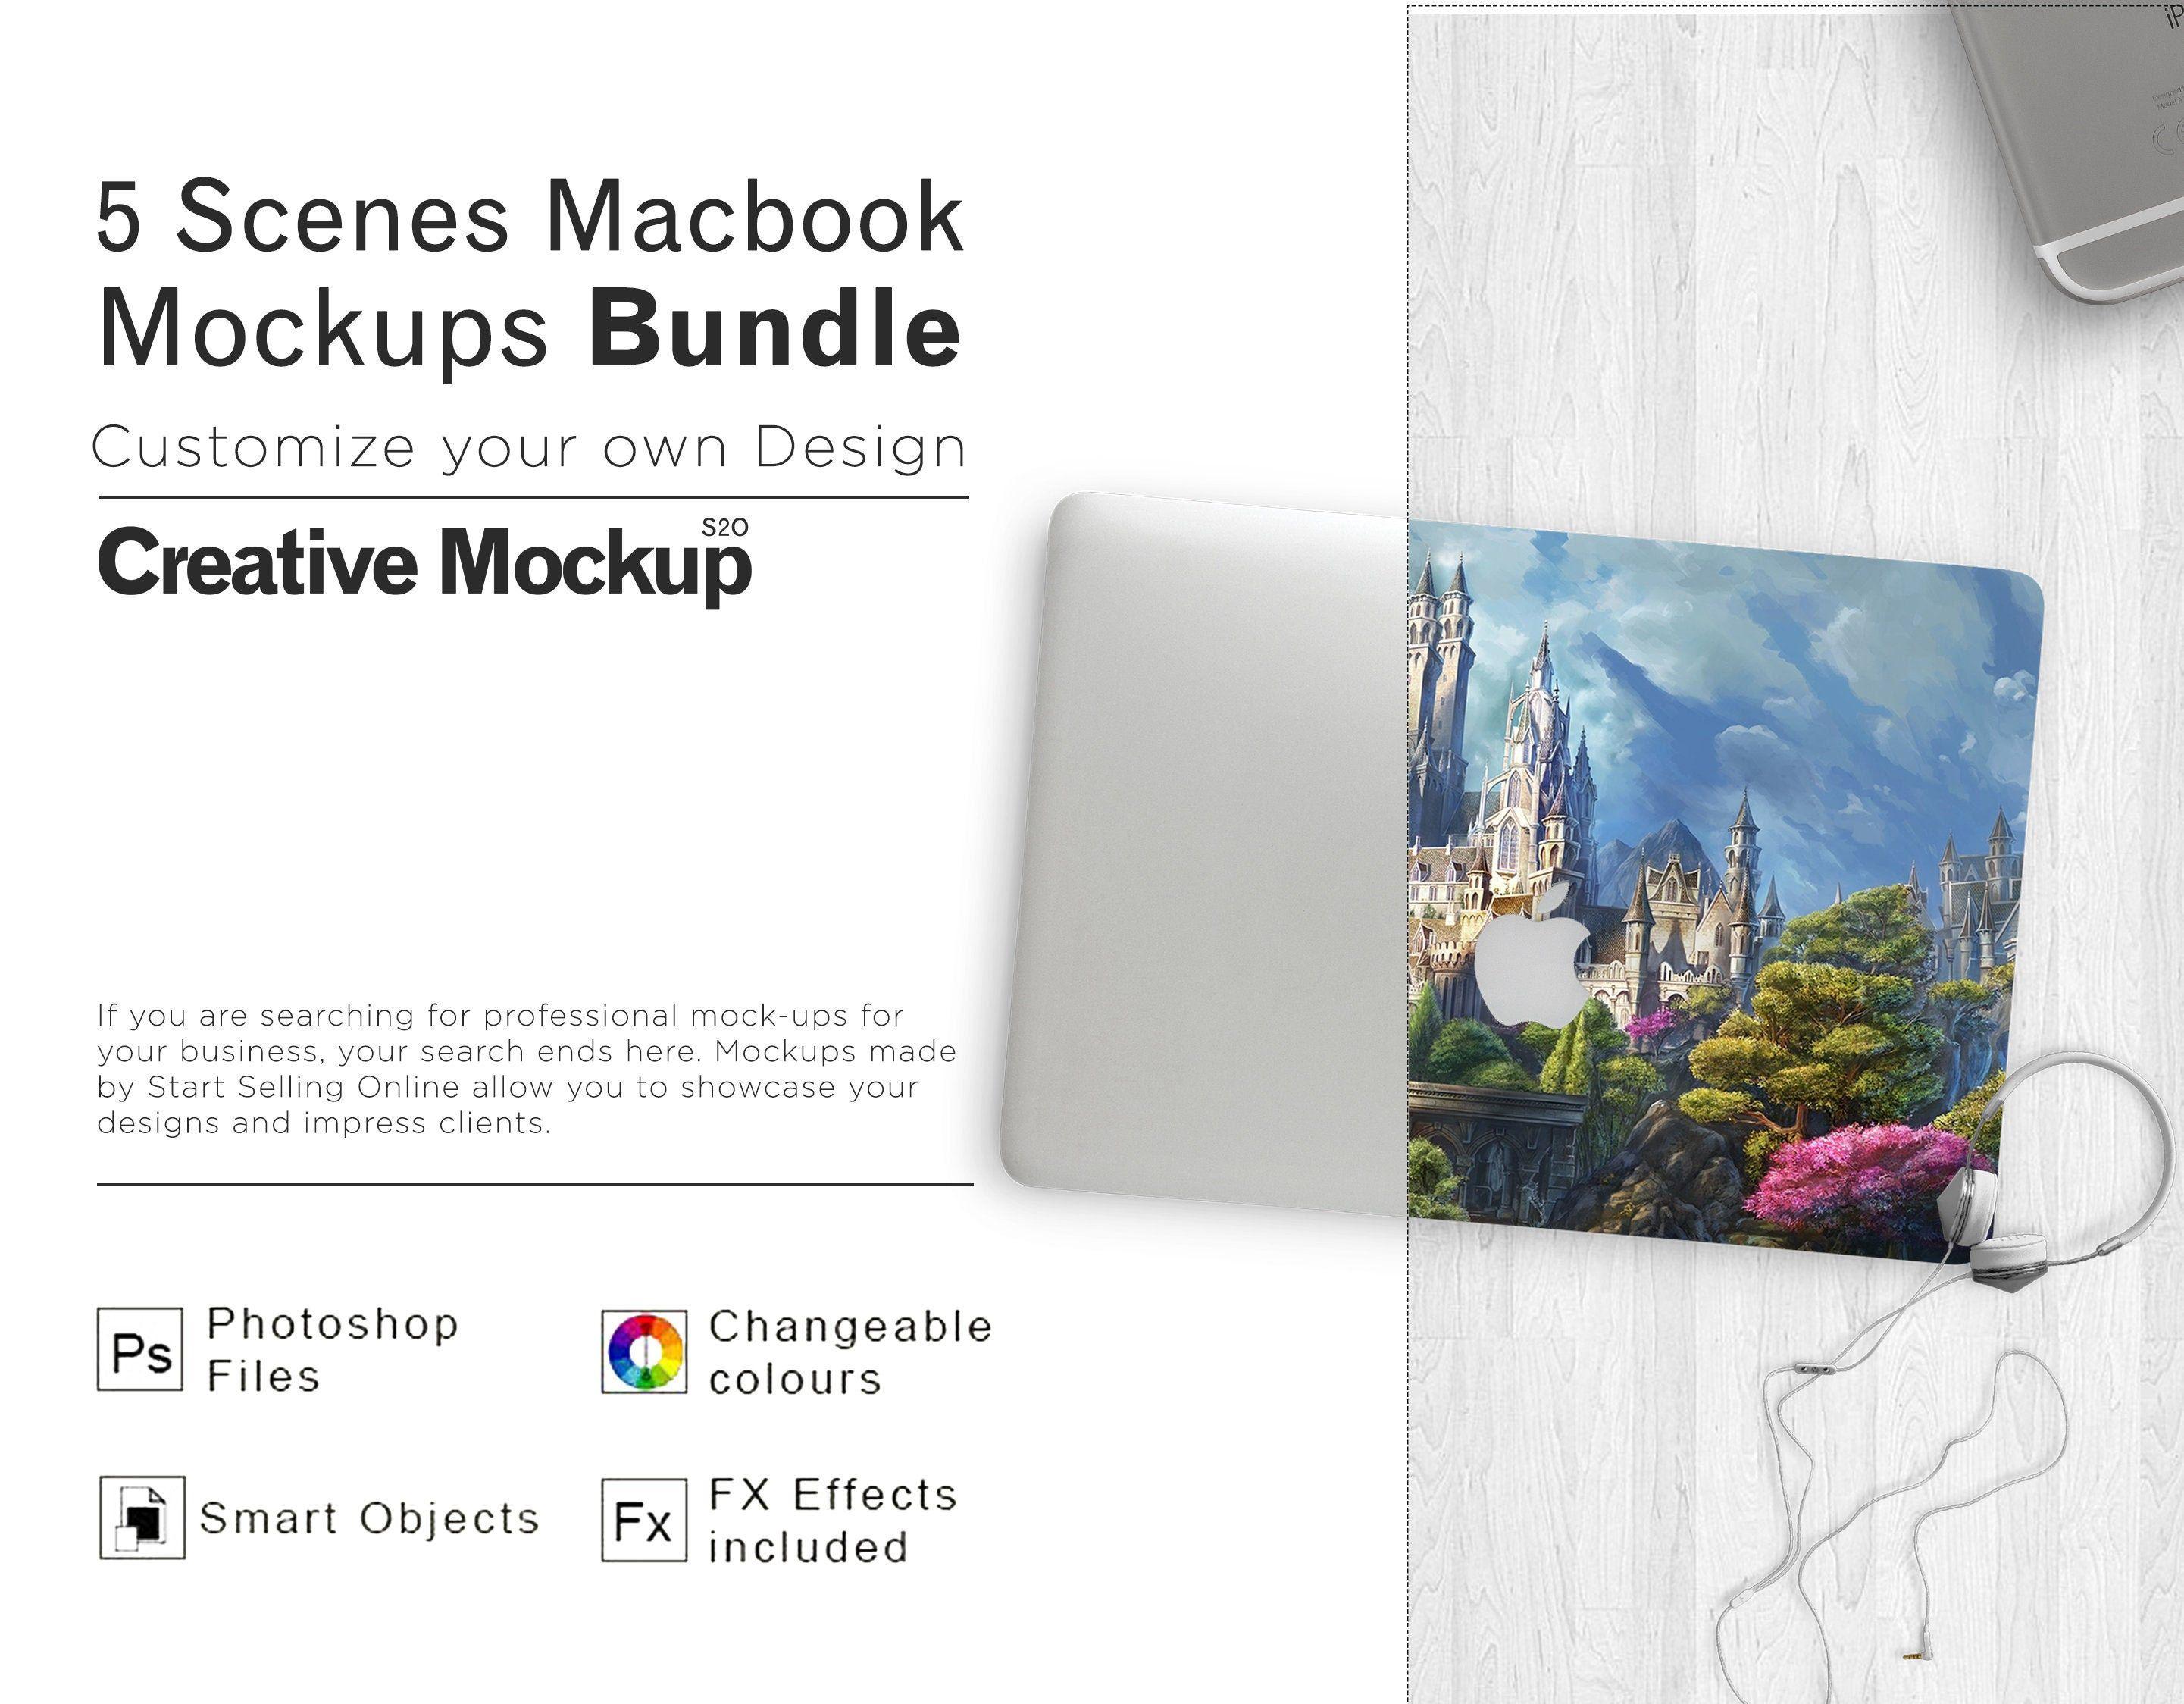 5 Scenes Macbook Mockups Bundle Macbook Mockup Laptop